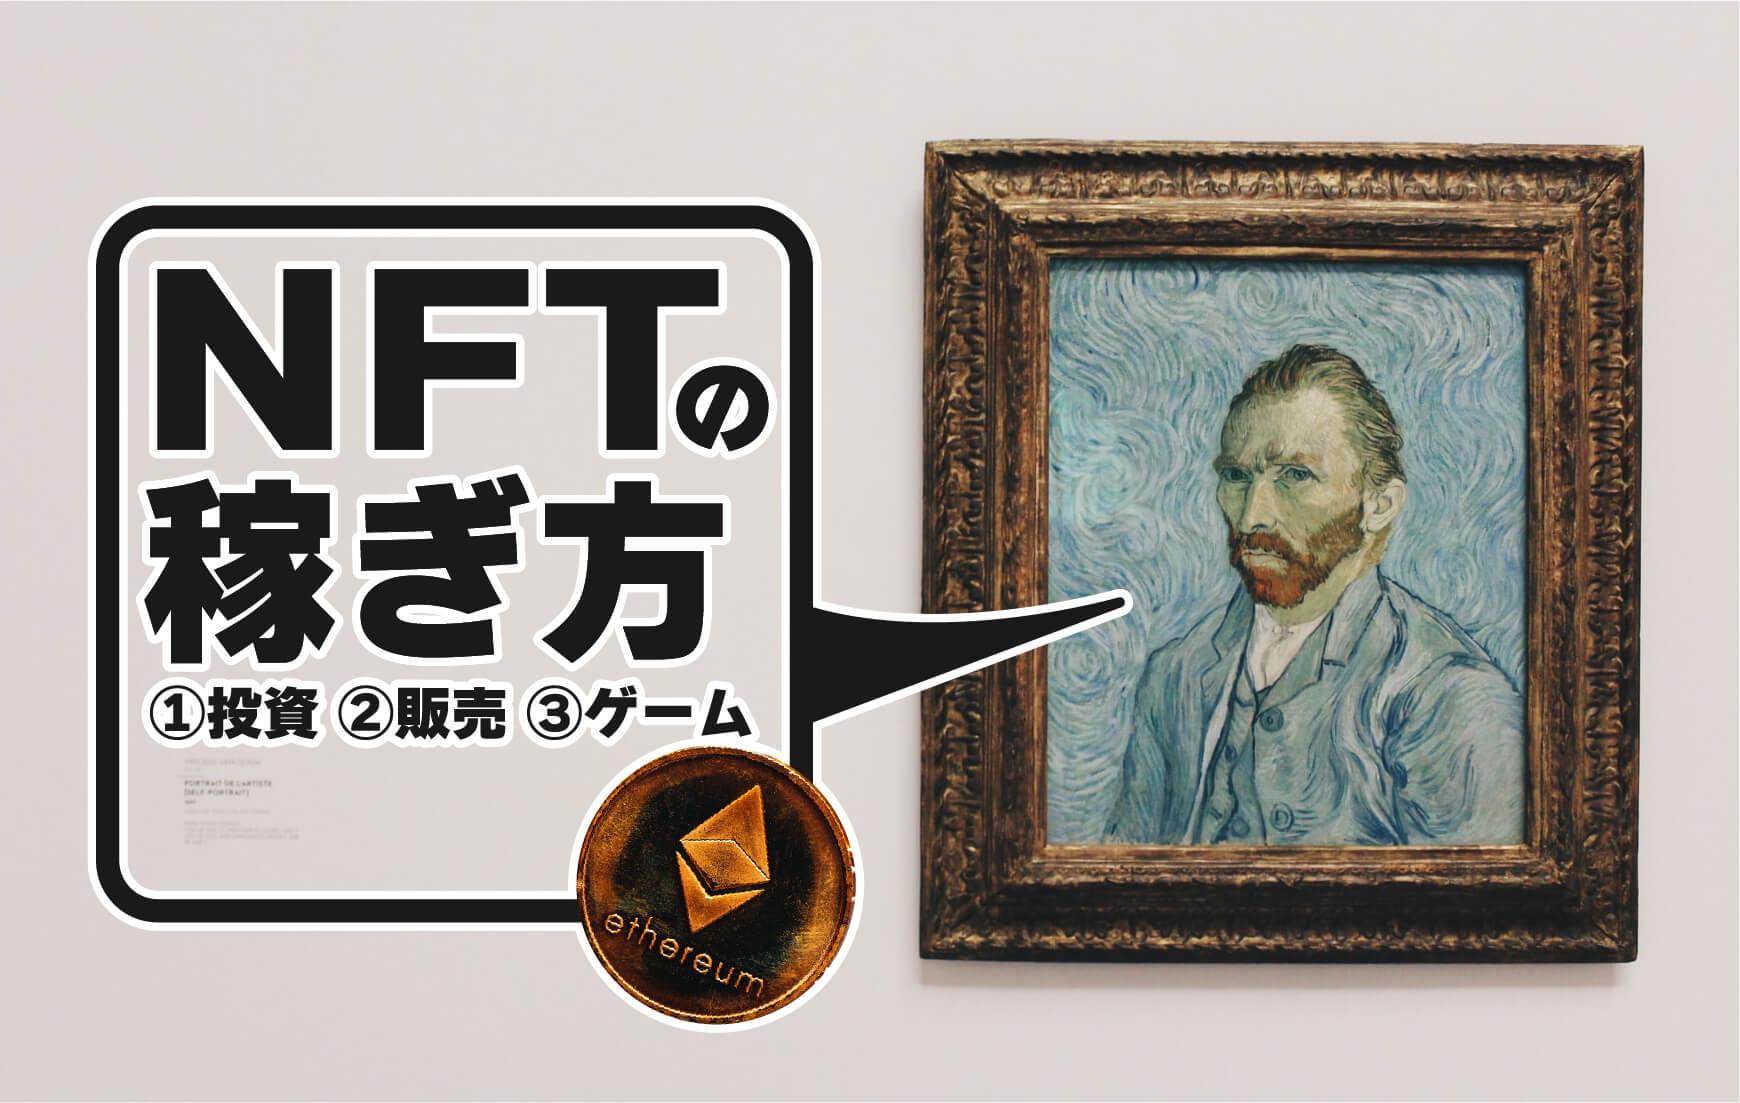 NFTの稼ぎ方3つを紹介する【投資・販売・ゲーム】